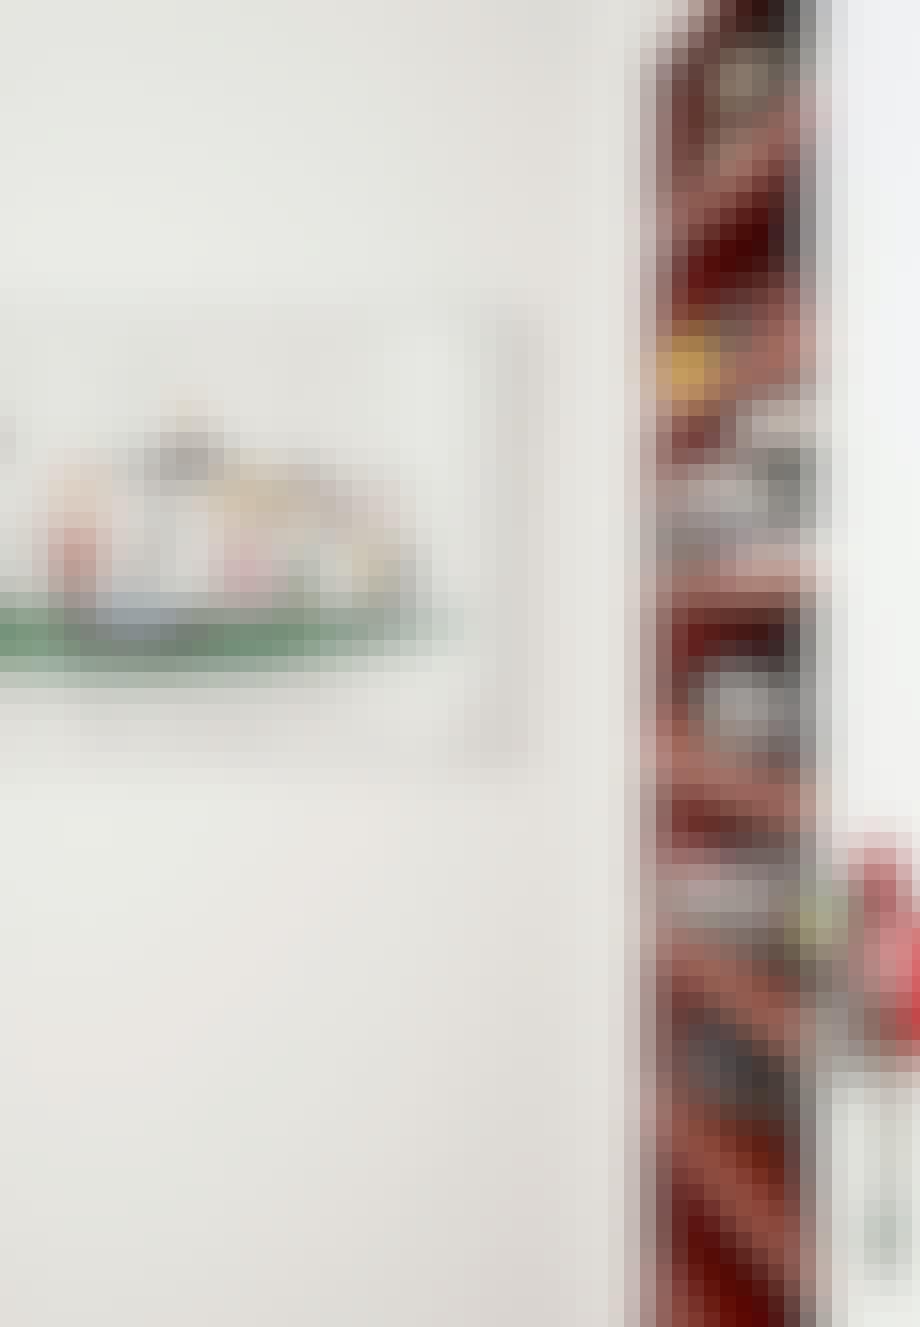 Rød sko-reol i entréen med sko i